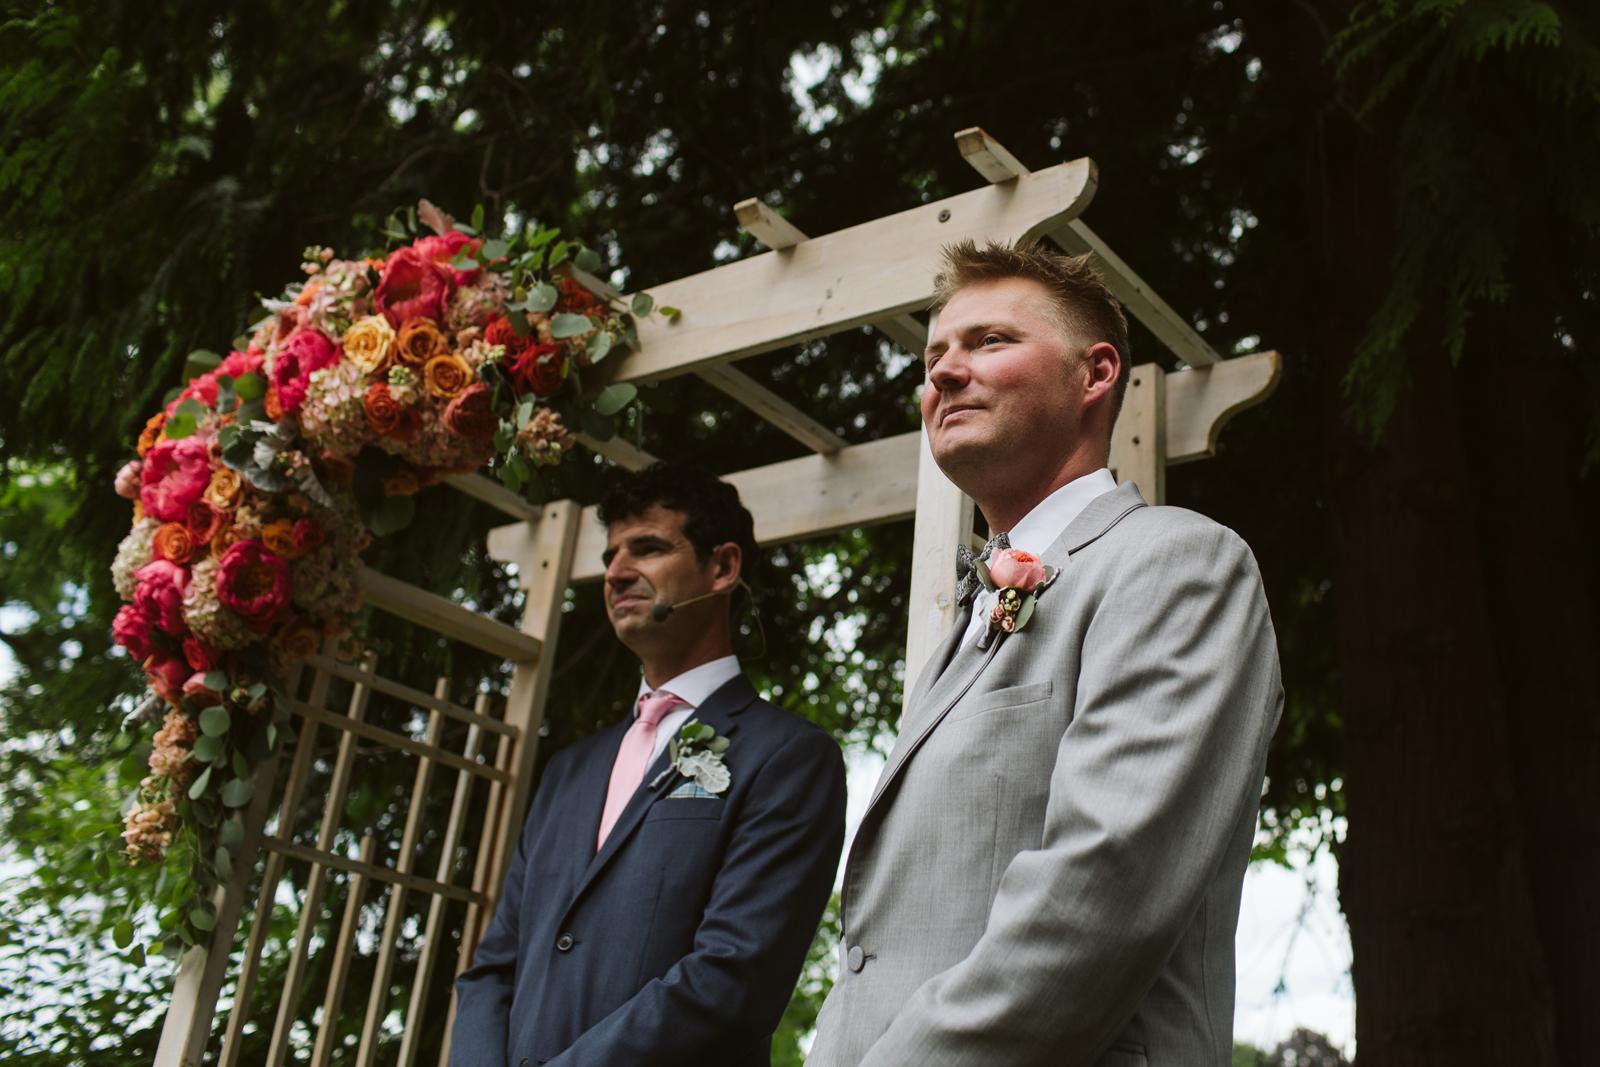 076-daronjackson-gabby-alec-wedding.jpg